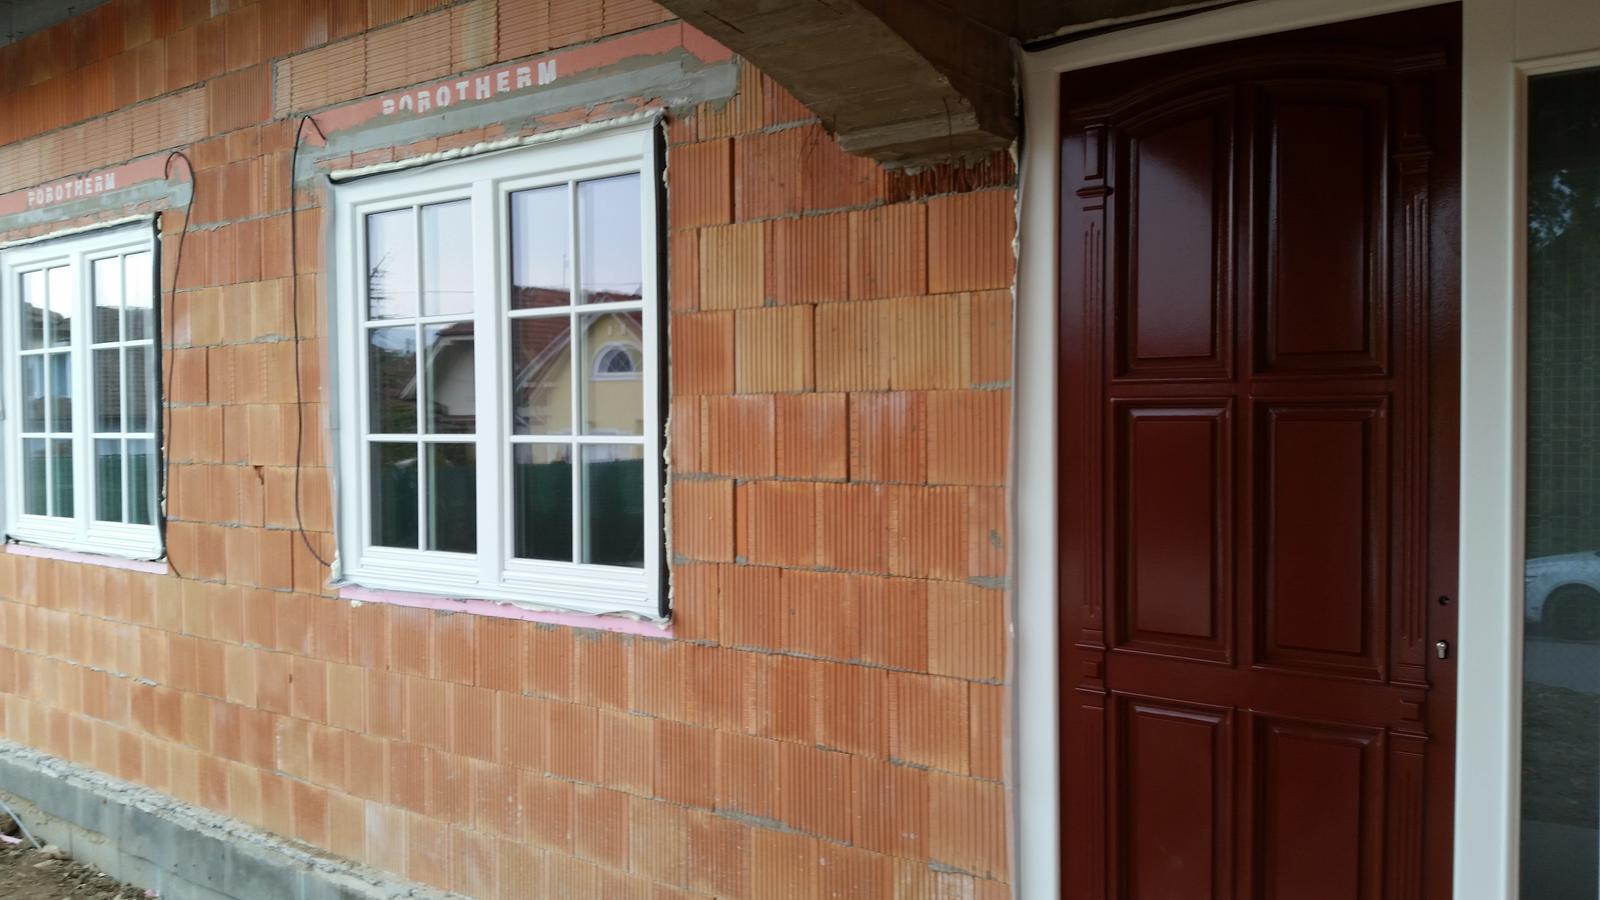 Provensal drevené okná a dvere (materiál Meranti) - Obrázok č. 1